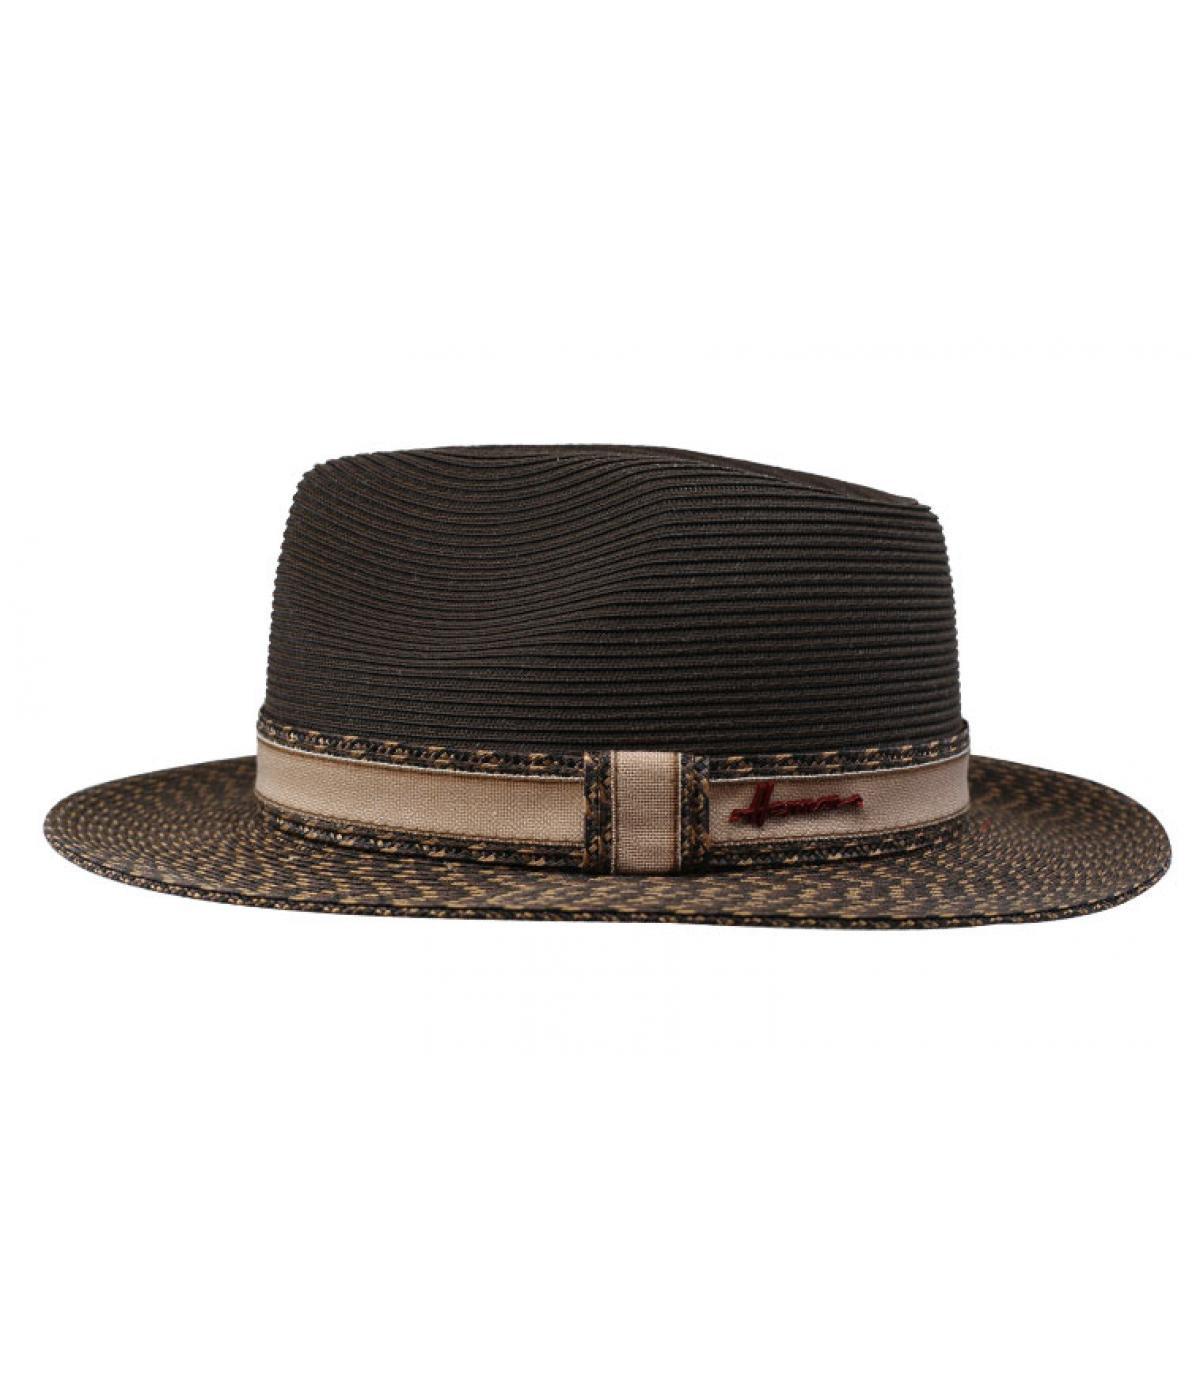 Dettagli Mac Corleone brown - image 2